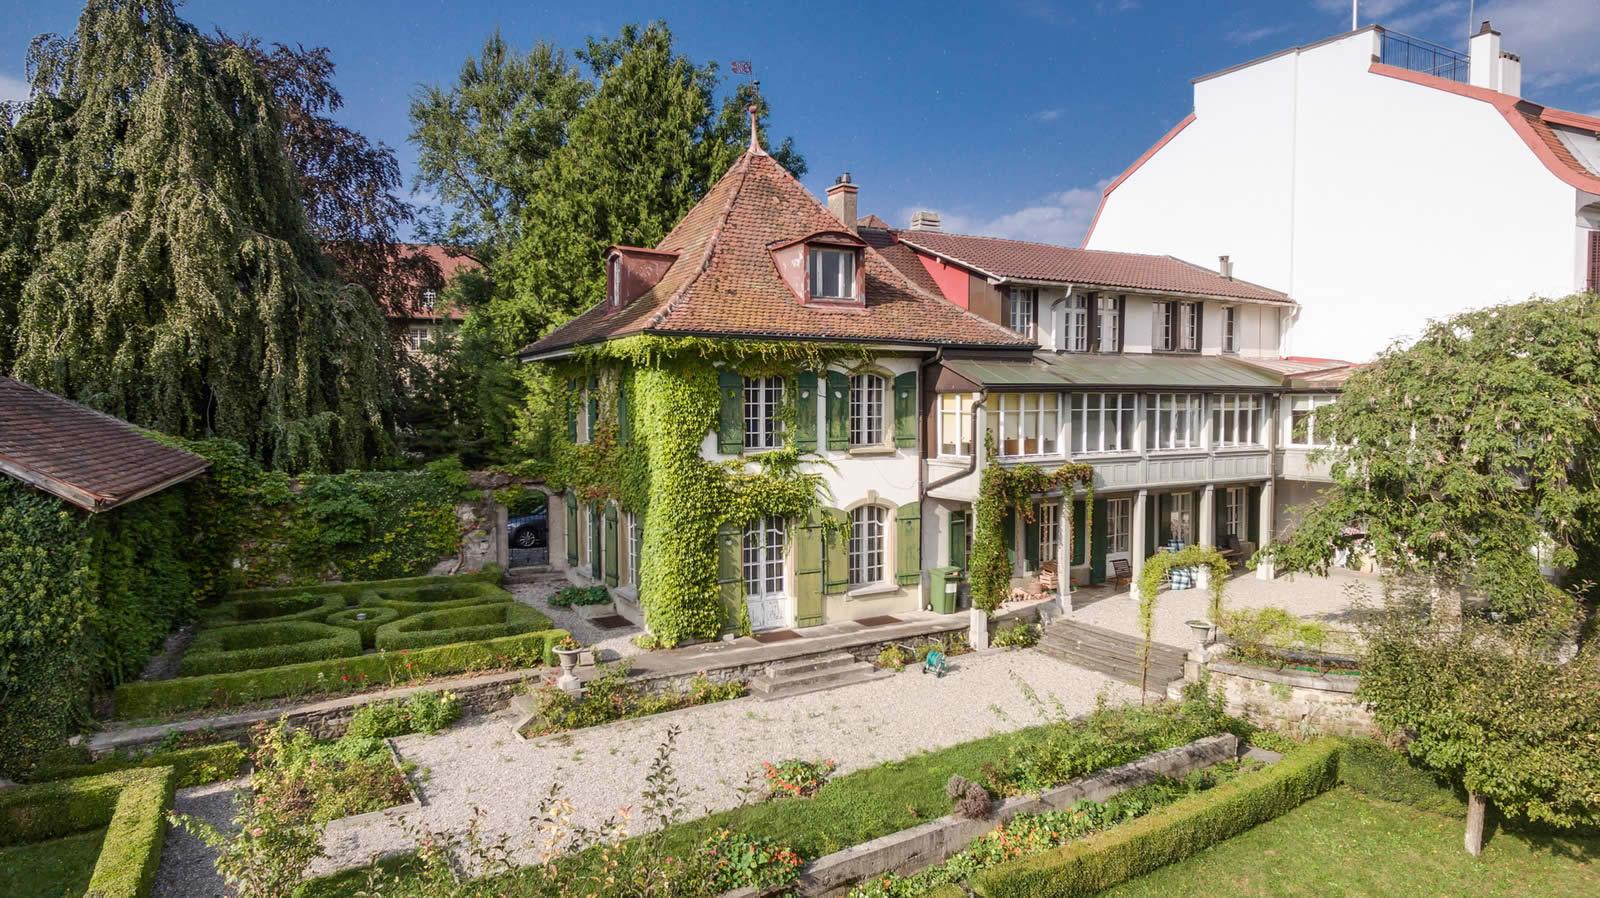 Batisse du 20me sicle au charme dantan avec 8 chambres et un superbe jardin arbor  vendre